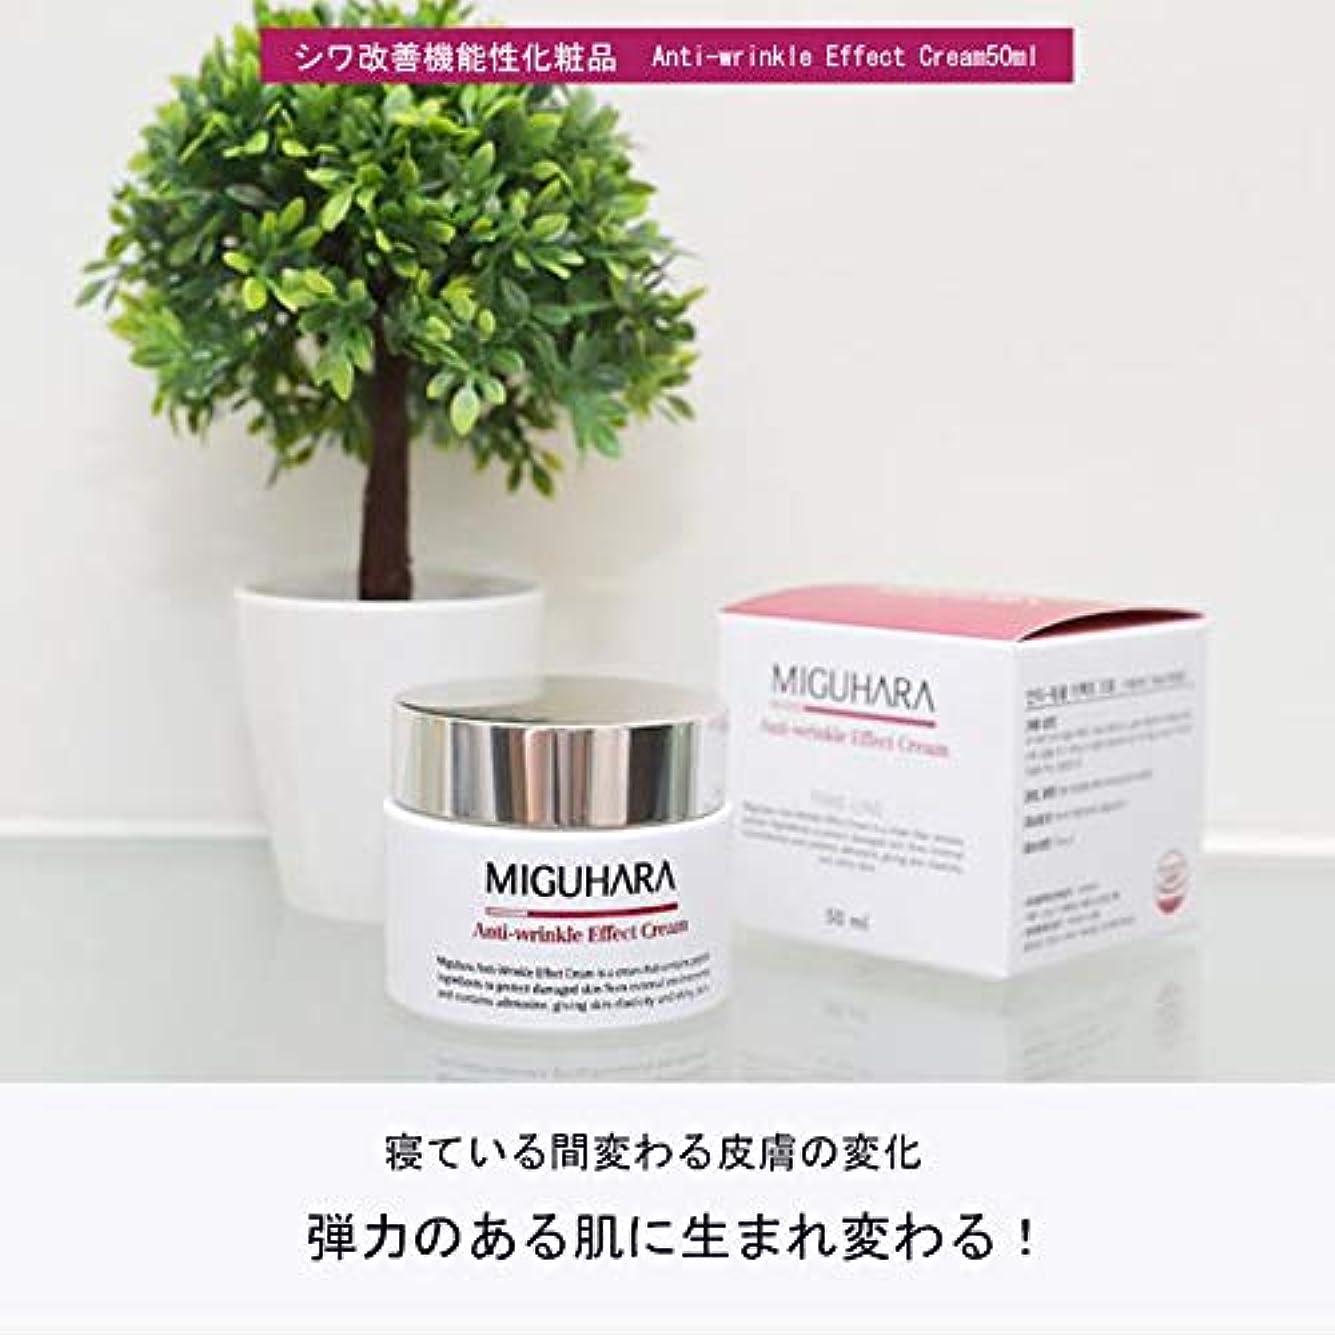 退却のヒープ支配的MIGUHARA アンチ-リンクルエフェクトクリーム 50ml / Anti-wrinkle Effect Cream 50ml